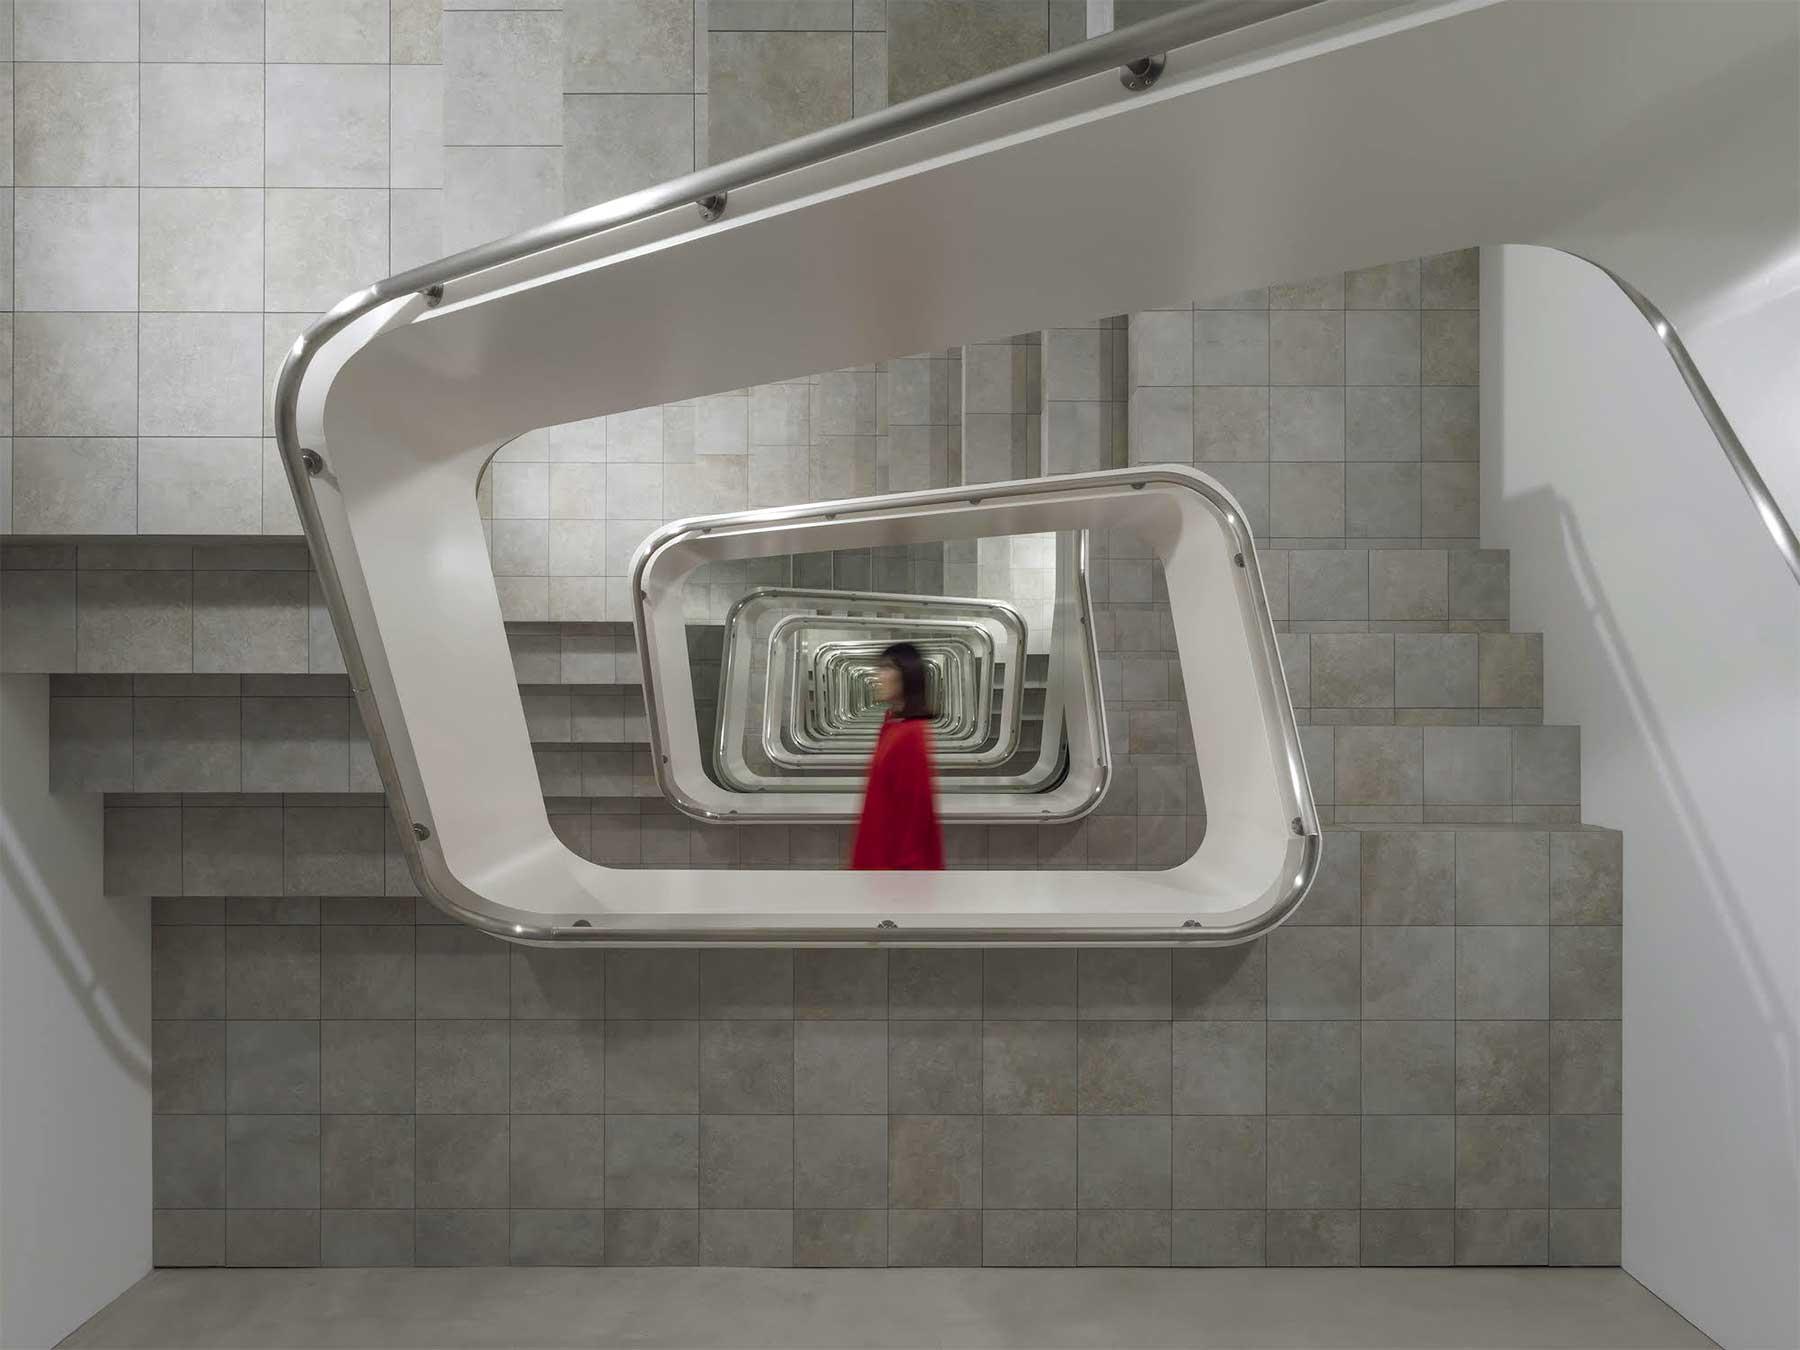 Unendliche Treppenschnecke von Leandro Erlich Leandro-Erlich-staircase_01